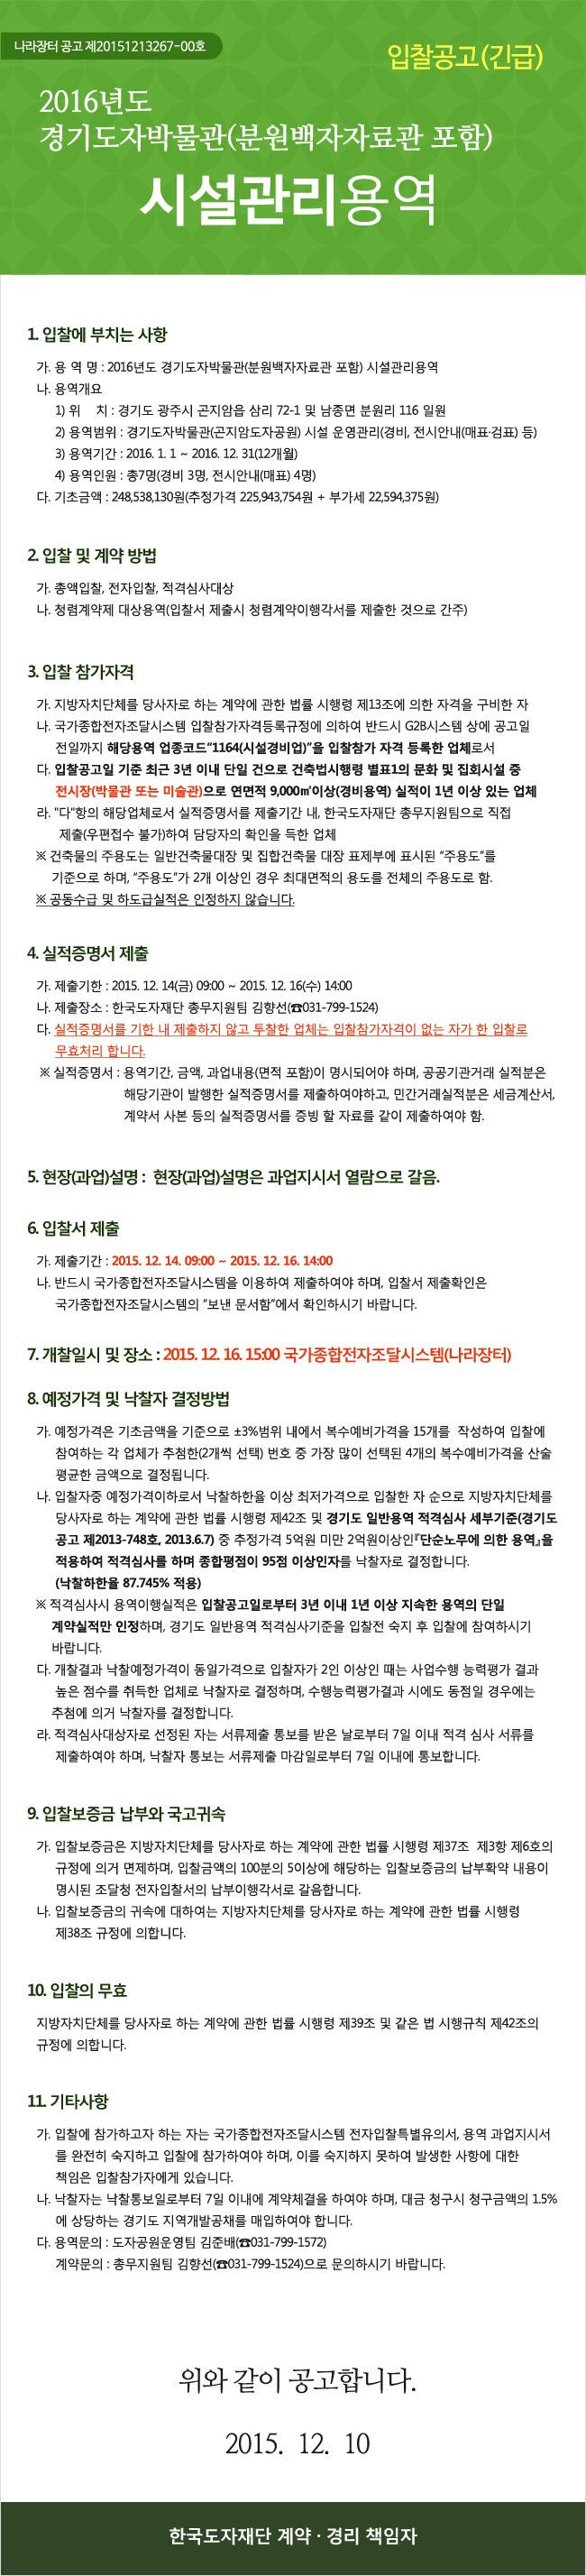 2016년도 경기도자박물관(분원백자자료관 포함) 시설관리용역